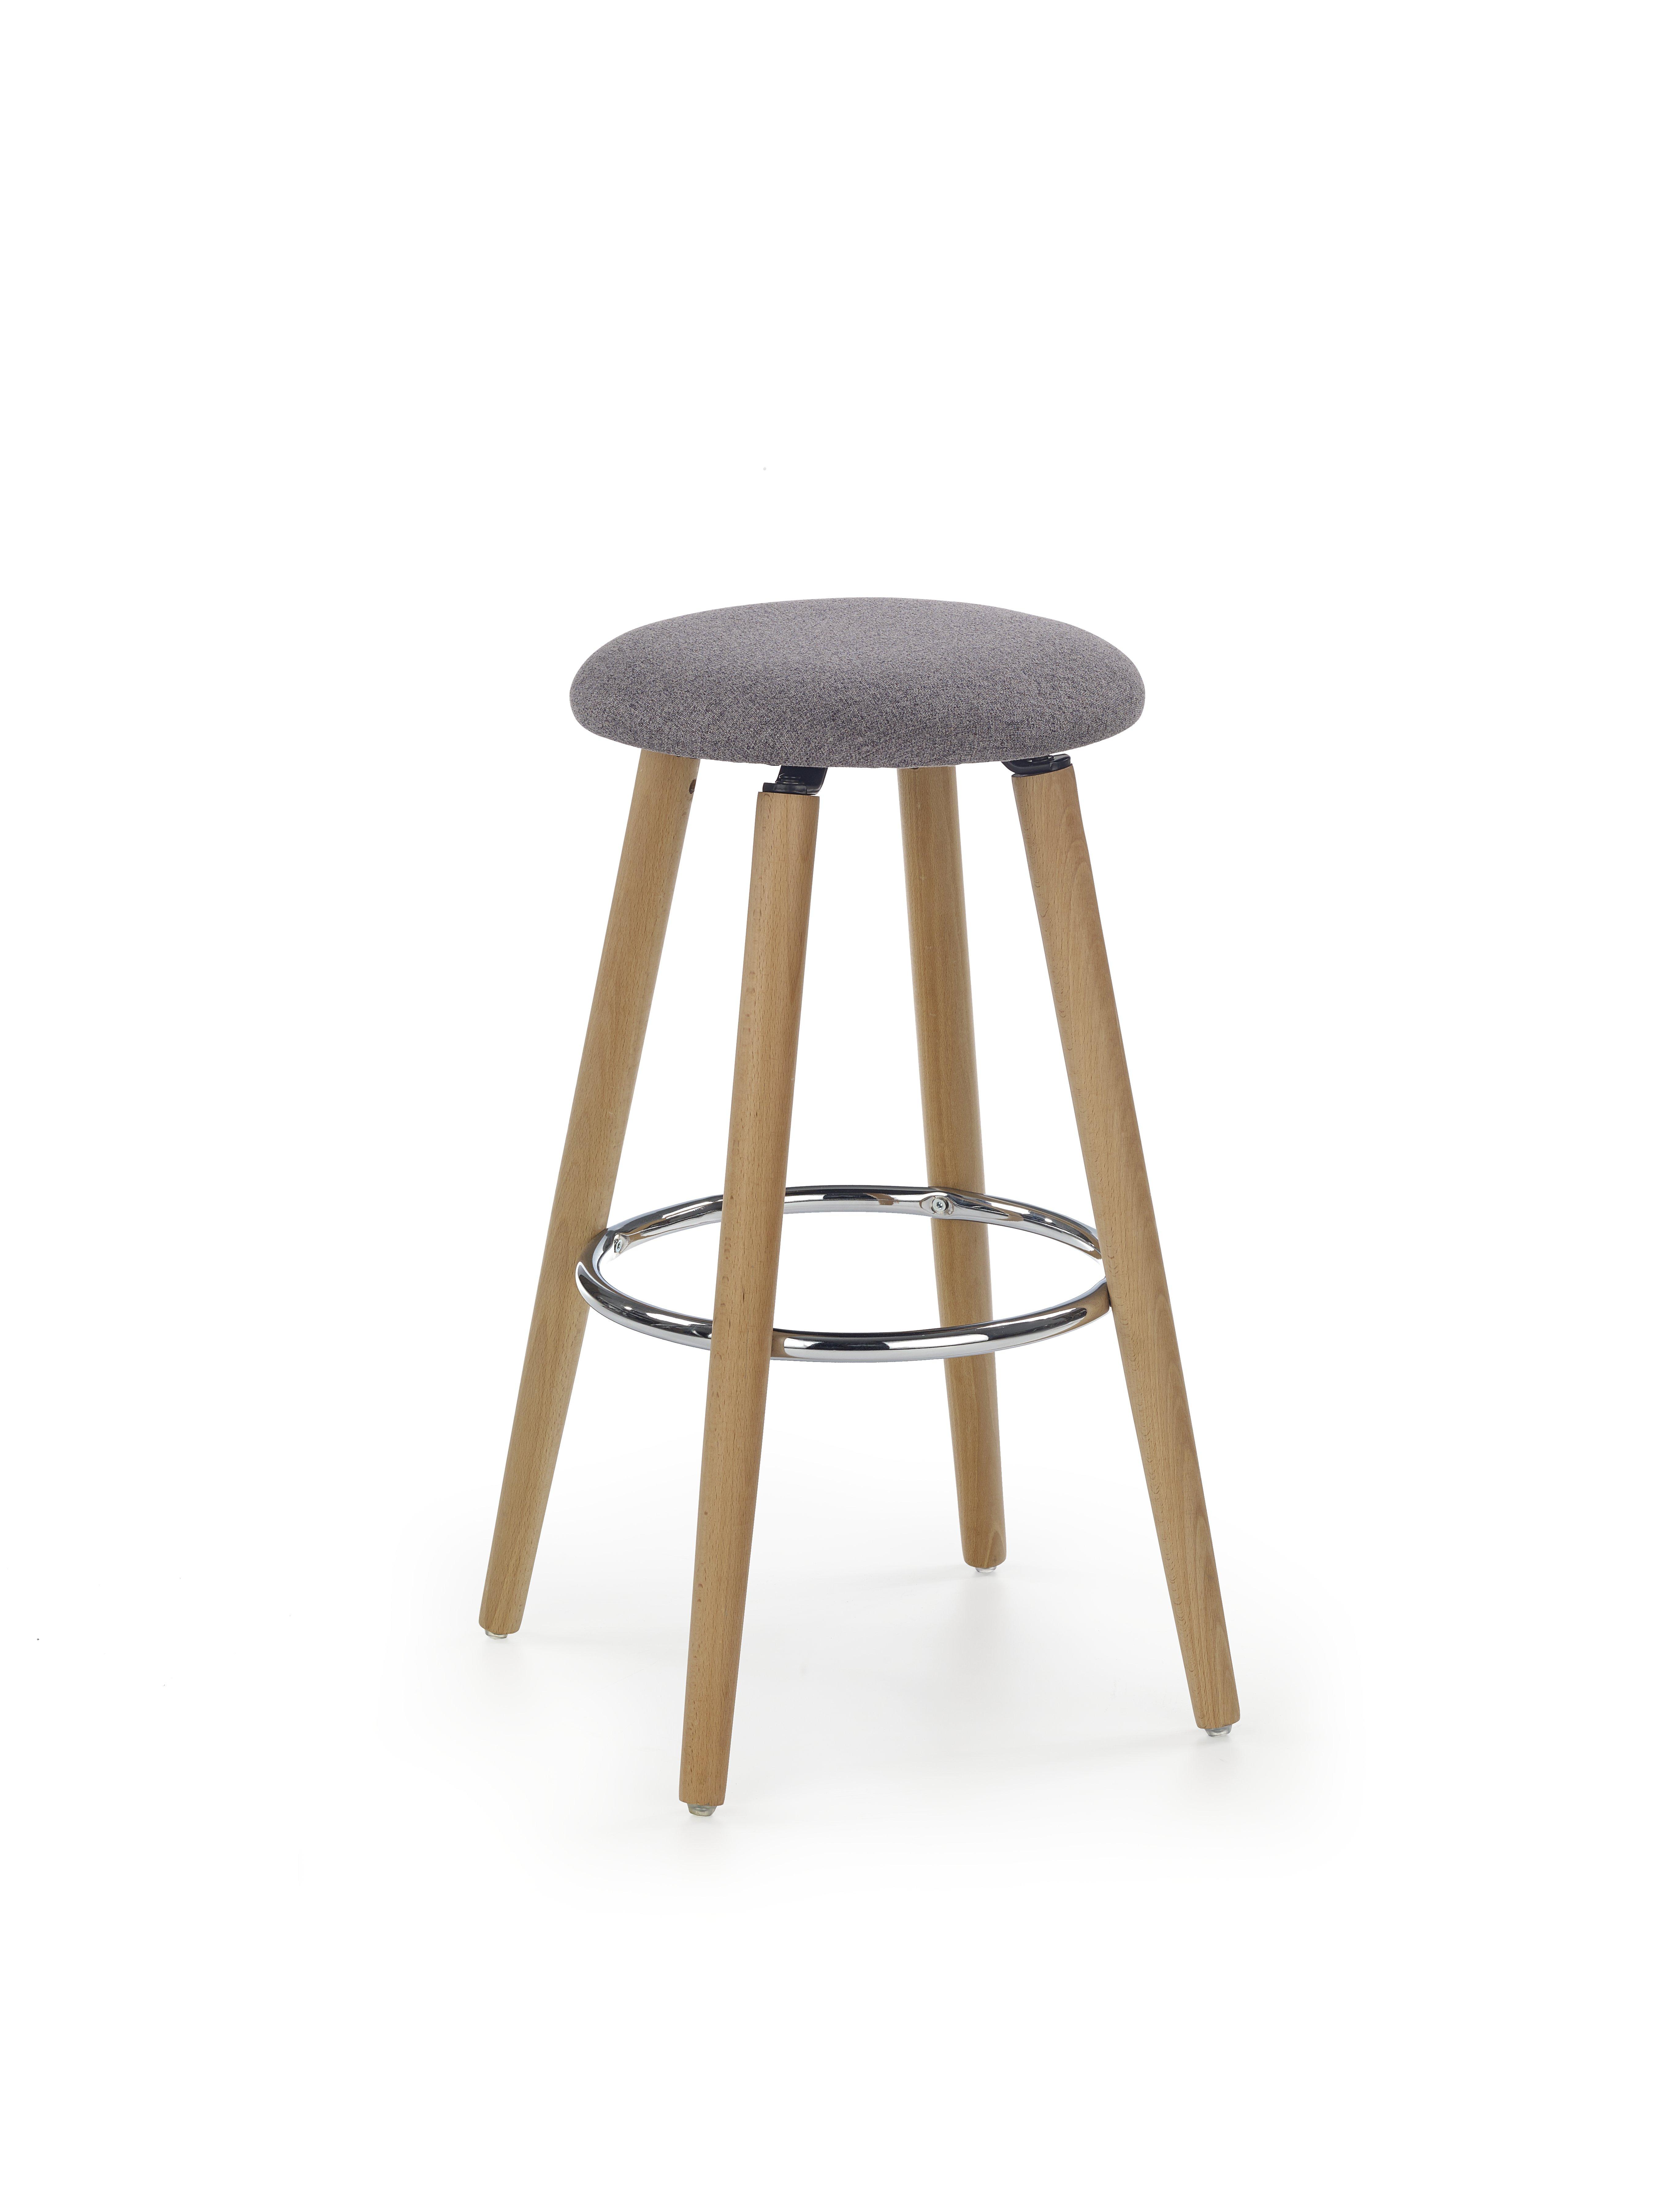 H76 F barová stolička tkanina svetlý šedá